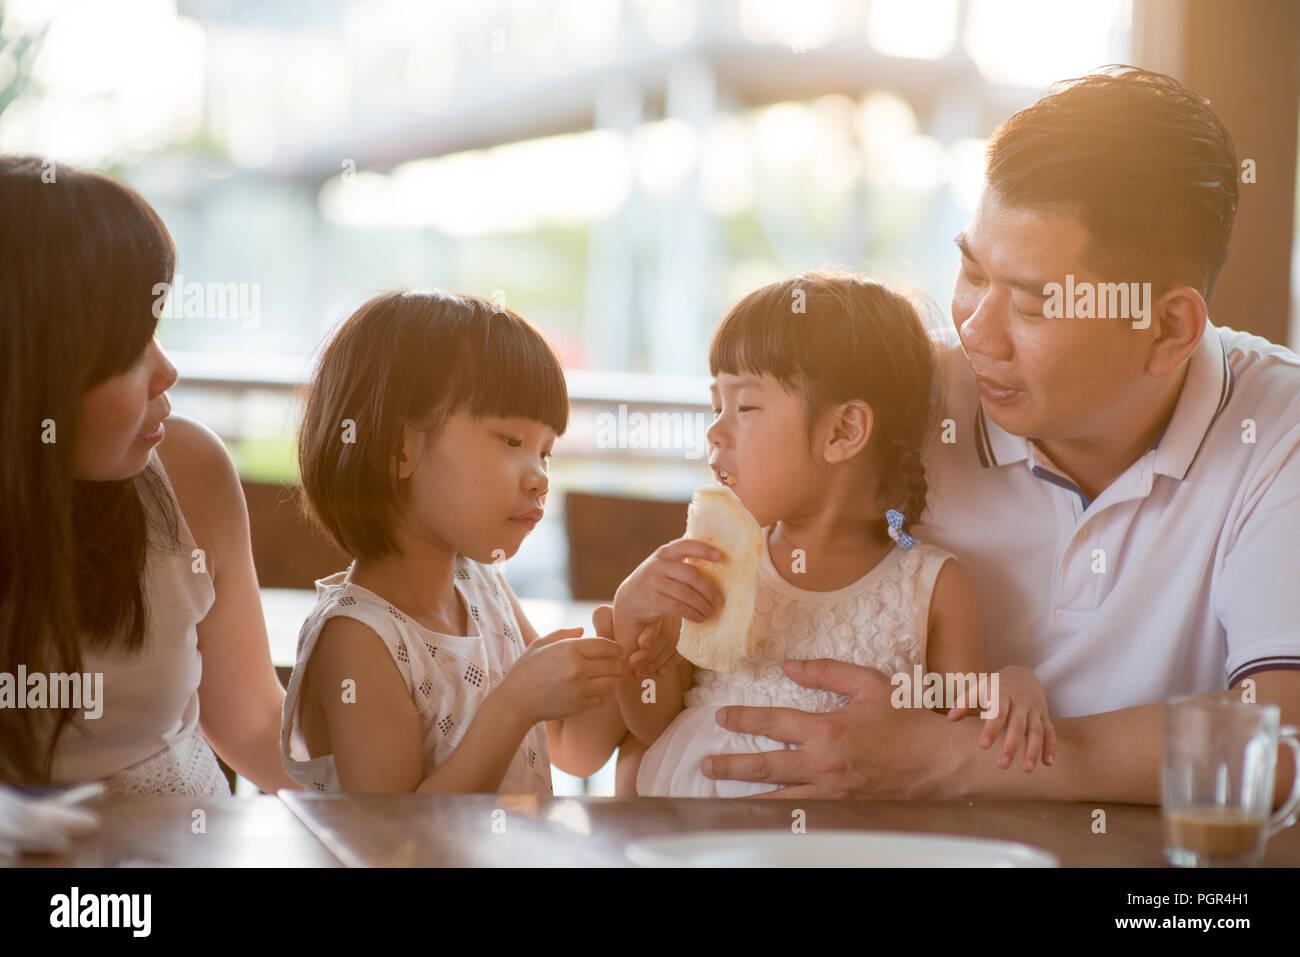 Enfants mignons et manger du pain partage au cafétéria. Vie de plein air famille asiatique avec lumière naturelle. Photo Stock